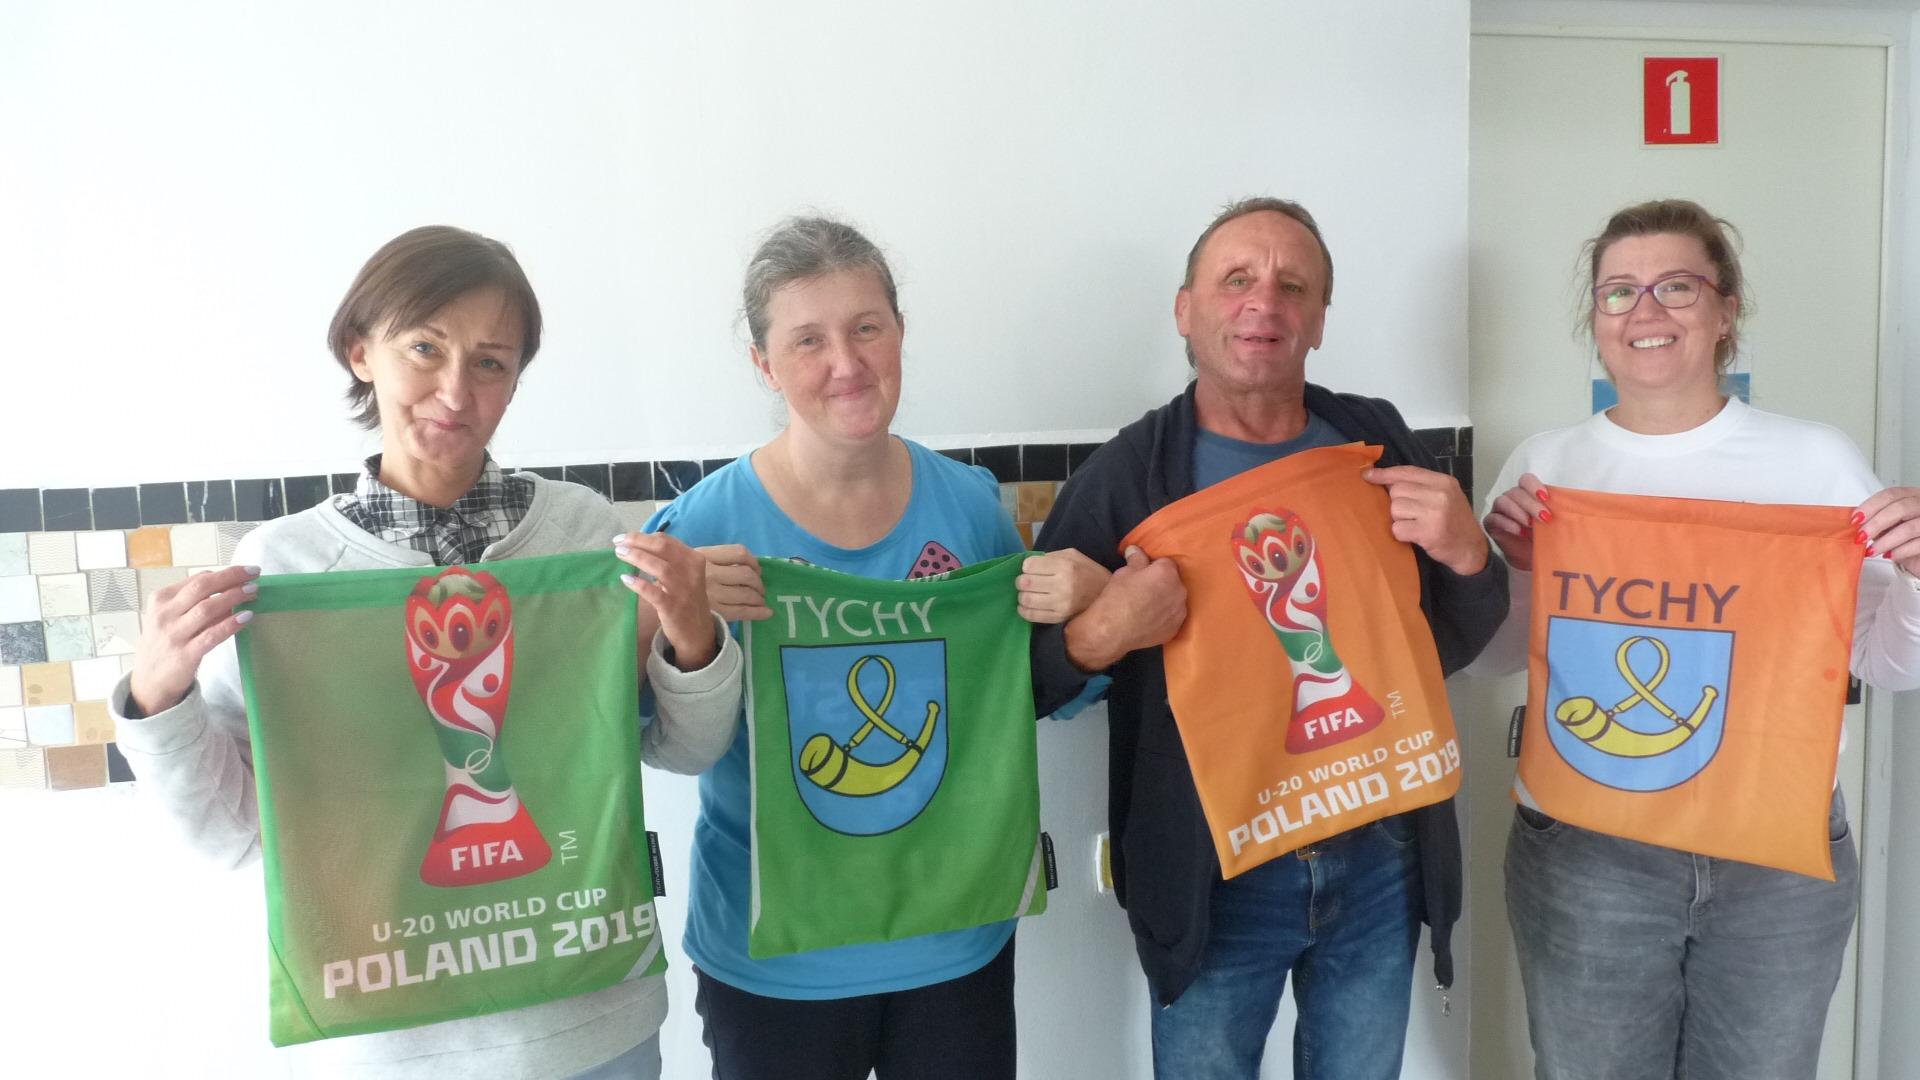 Worki szkolne z flag Mistrzostw Świata U-20 i uczestnicy warsztatu krawieckiego w CIS w Tychach IB Polska